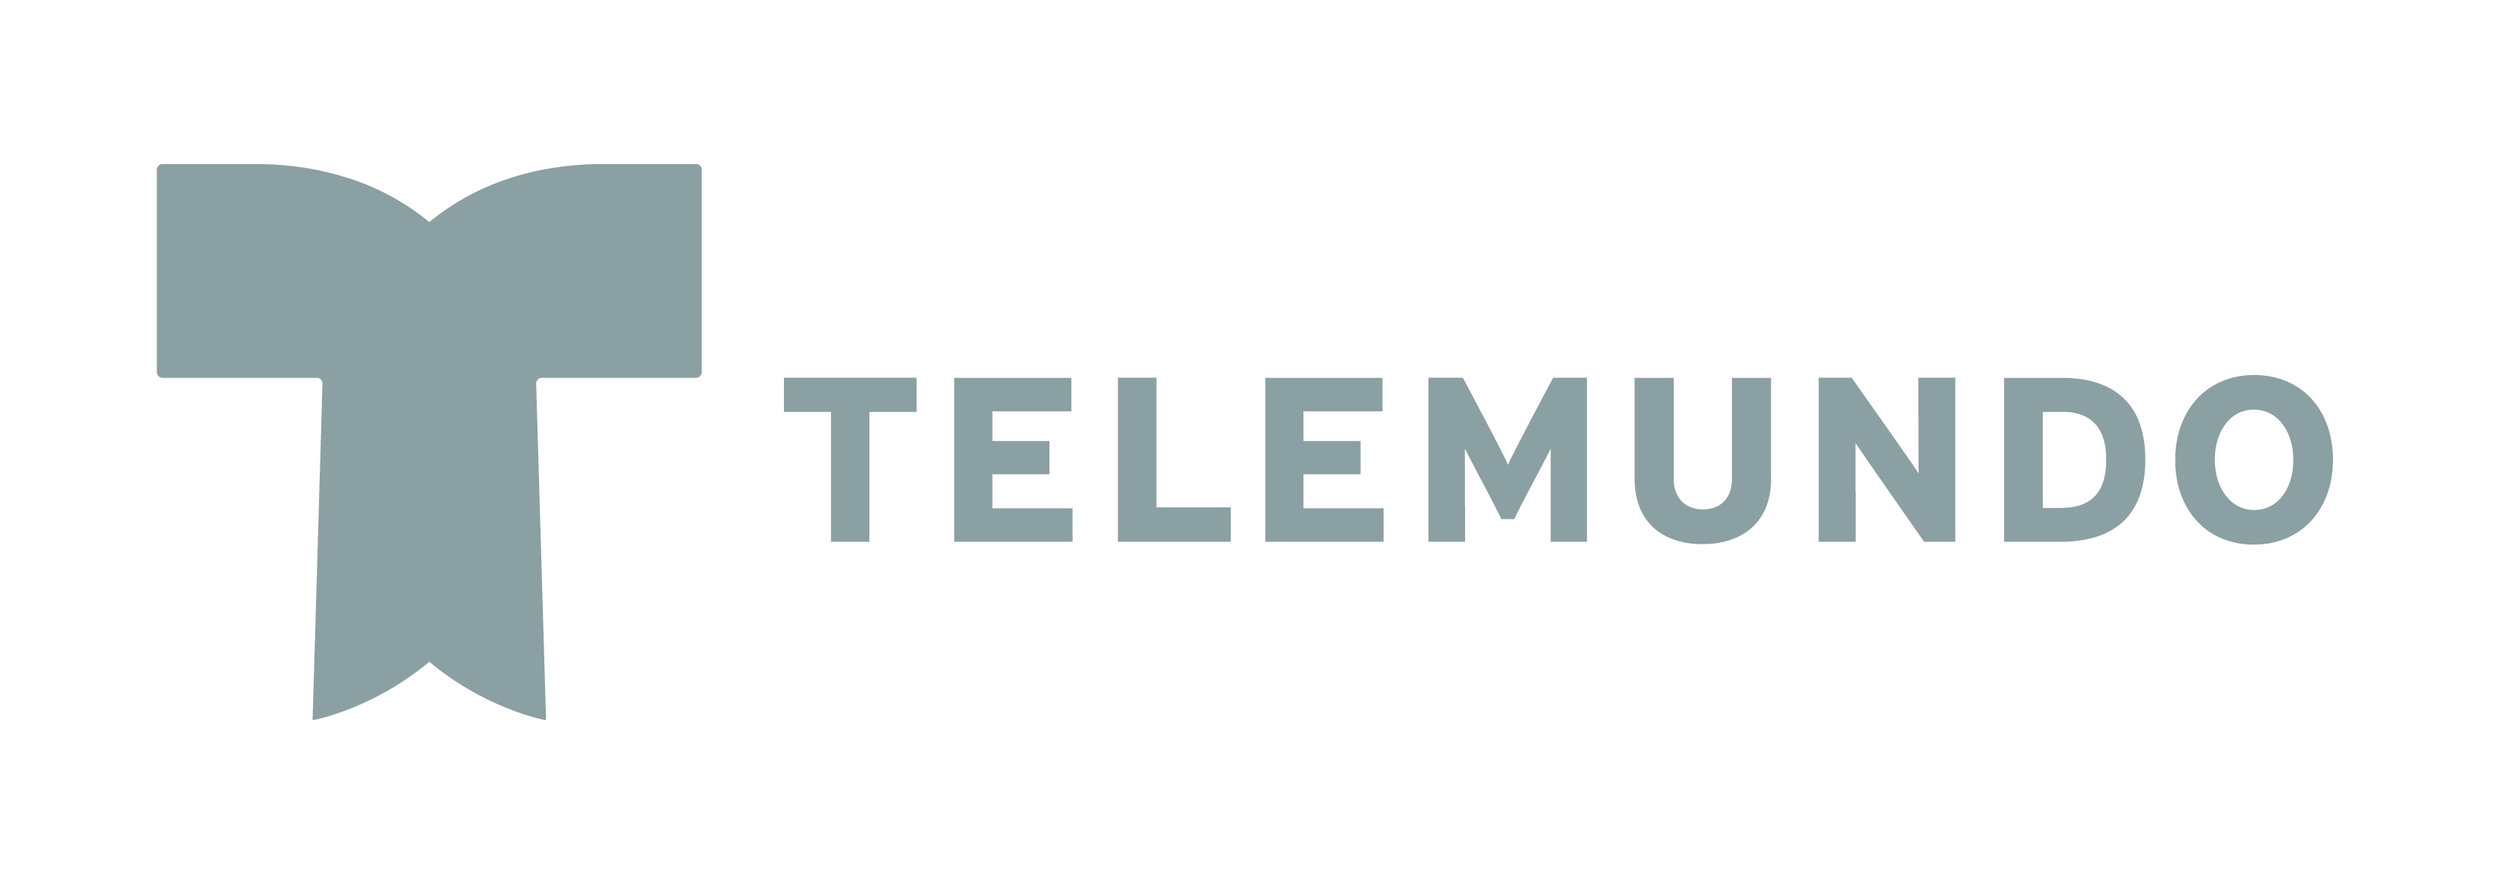 telemundo-logo copy.jpg